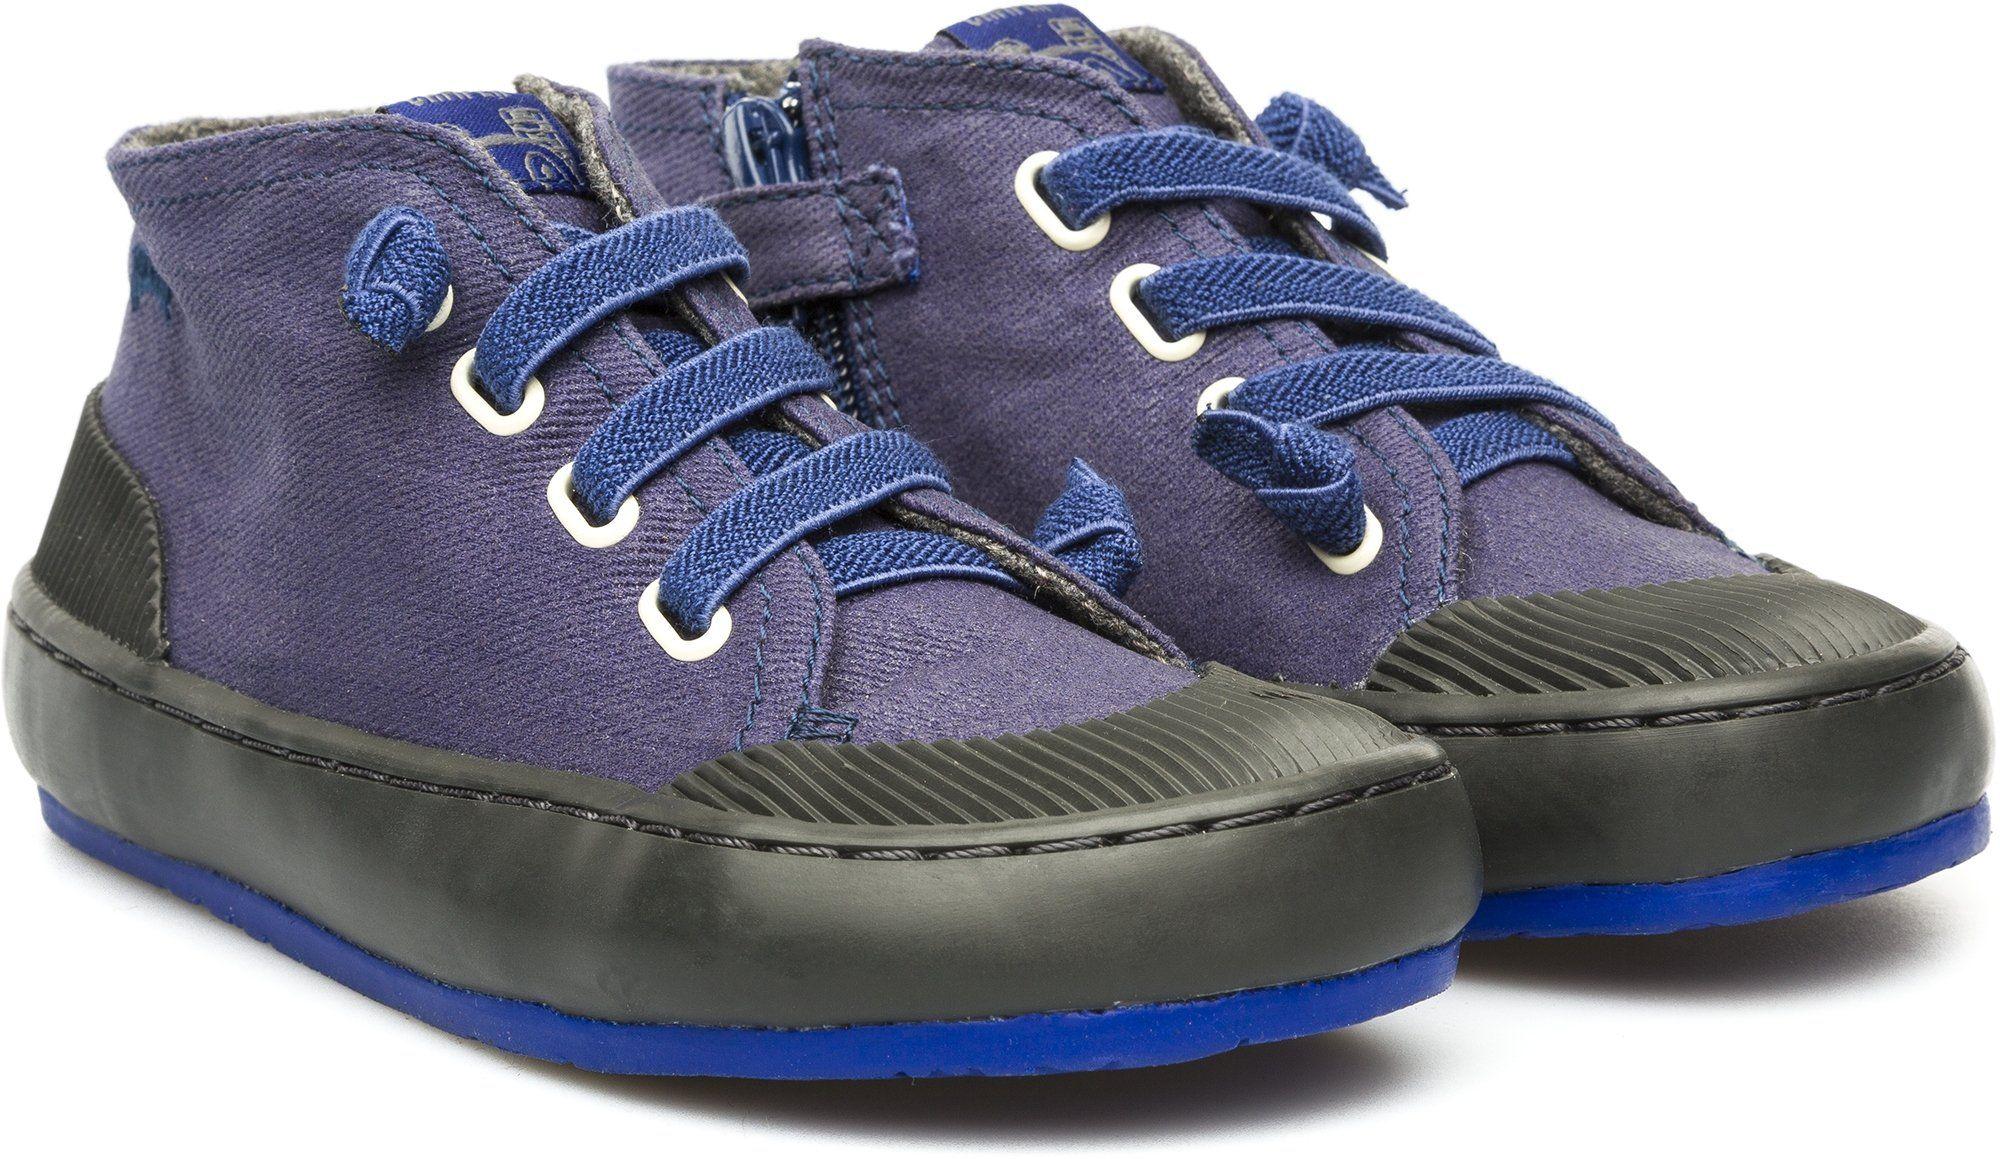 Camper Zapatos Peu 001 Niños Botines Y es 90298 Amazon B0vBWqdgx